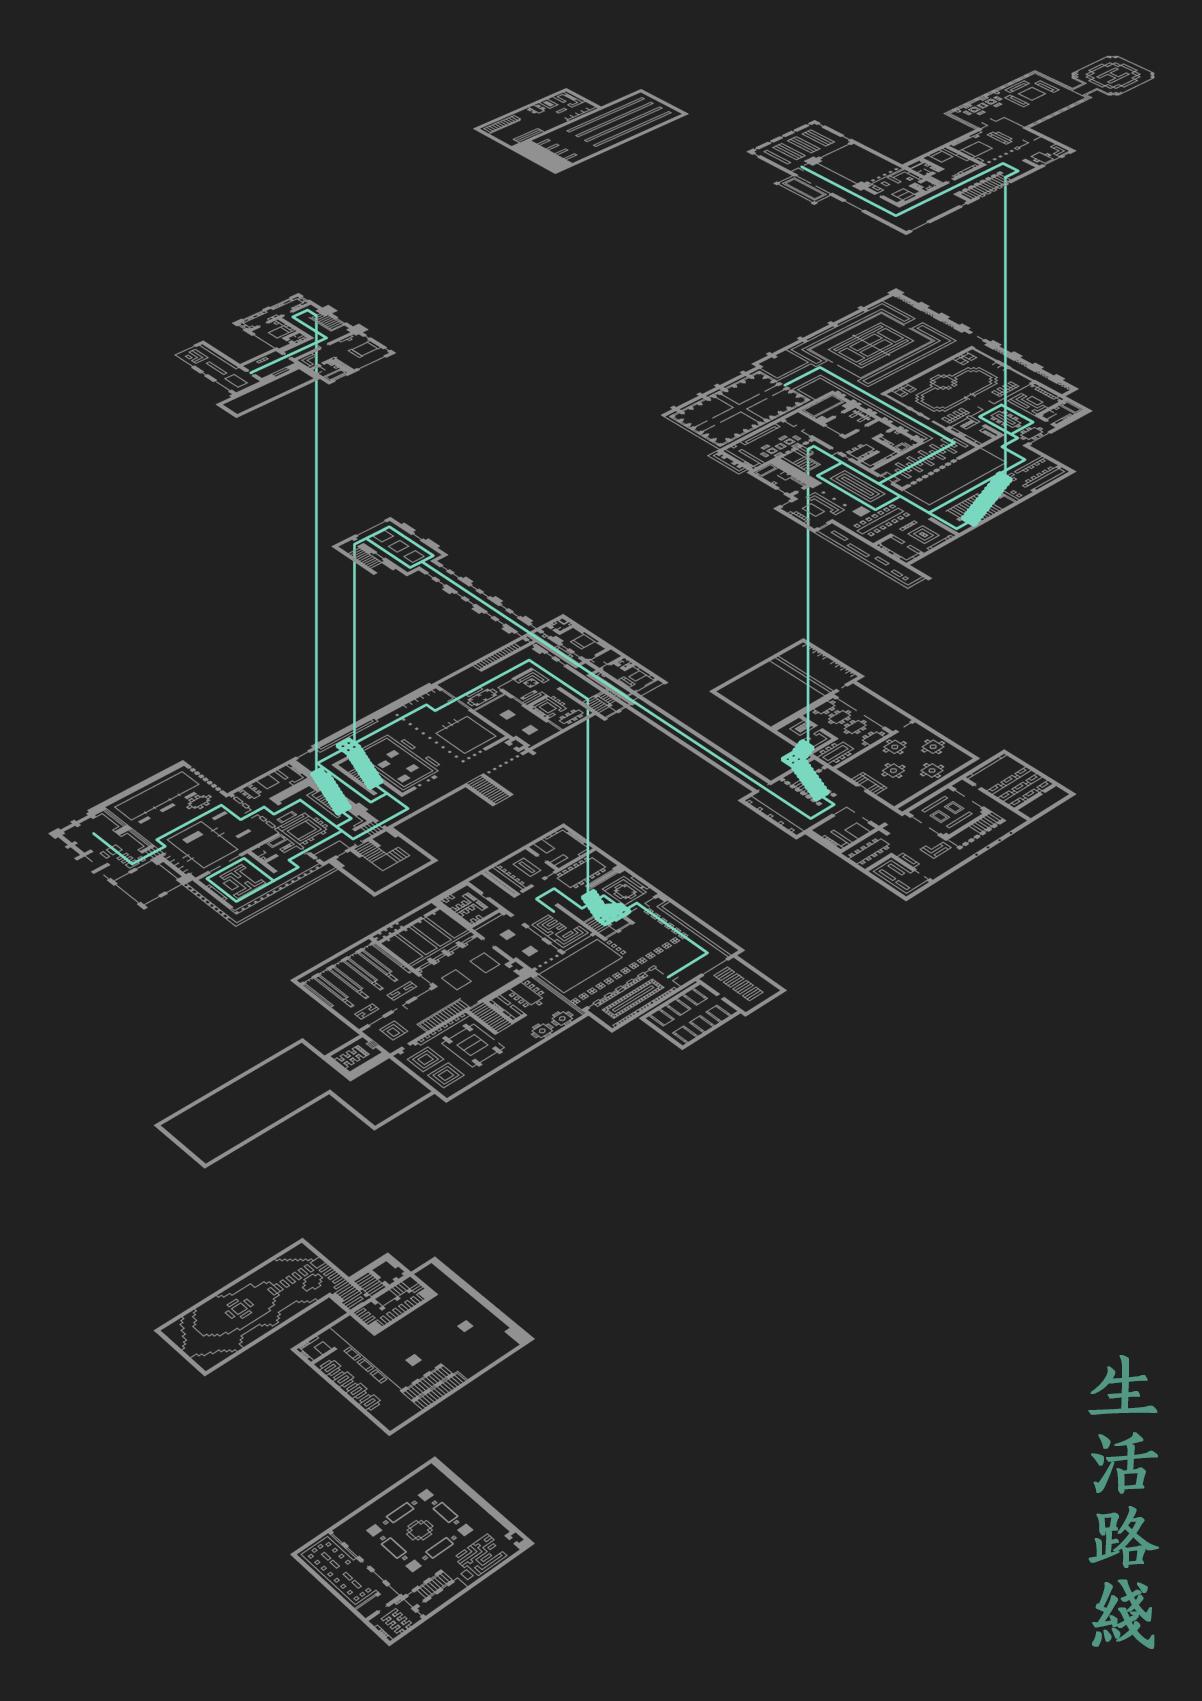 【我的别墅现代建筑群】海岛施工庭院--源梦岛流程度假别墅世界图片